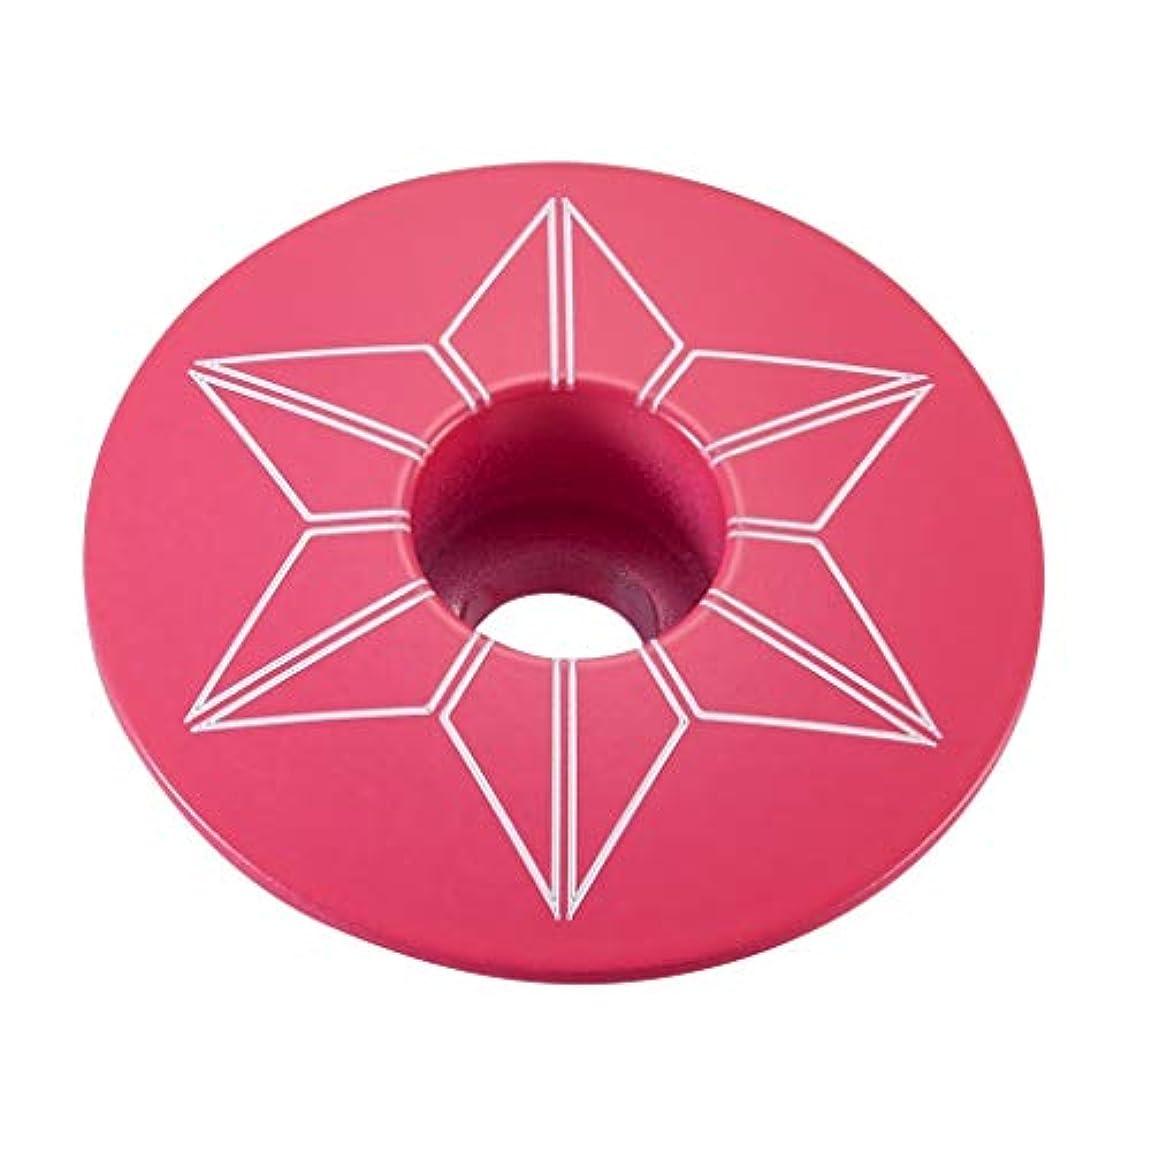 ぜいたく忙しい主権者スパカズ SUPACAZ Neon Pink アルミトップキャップ ネオンピンク powder coated